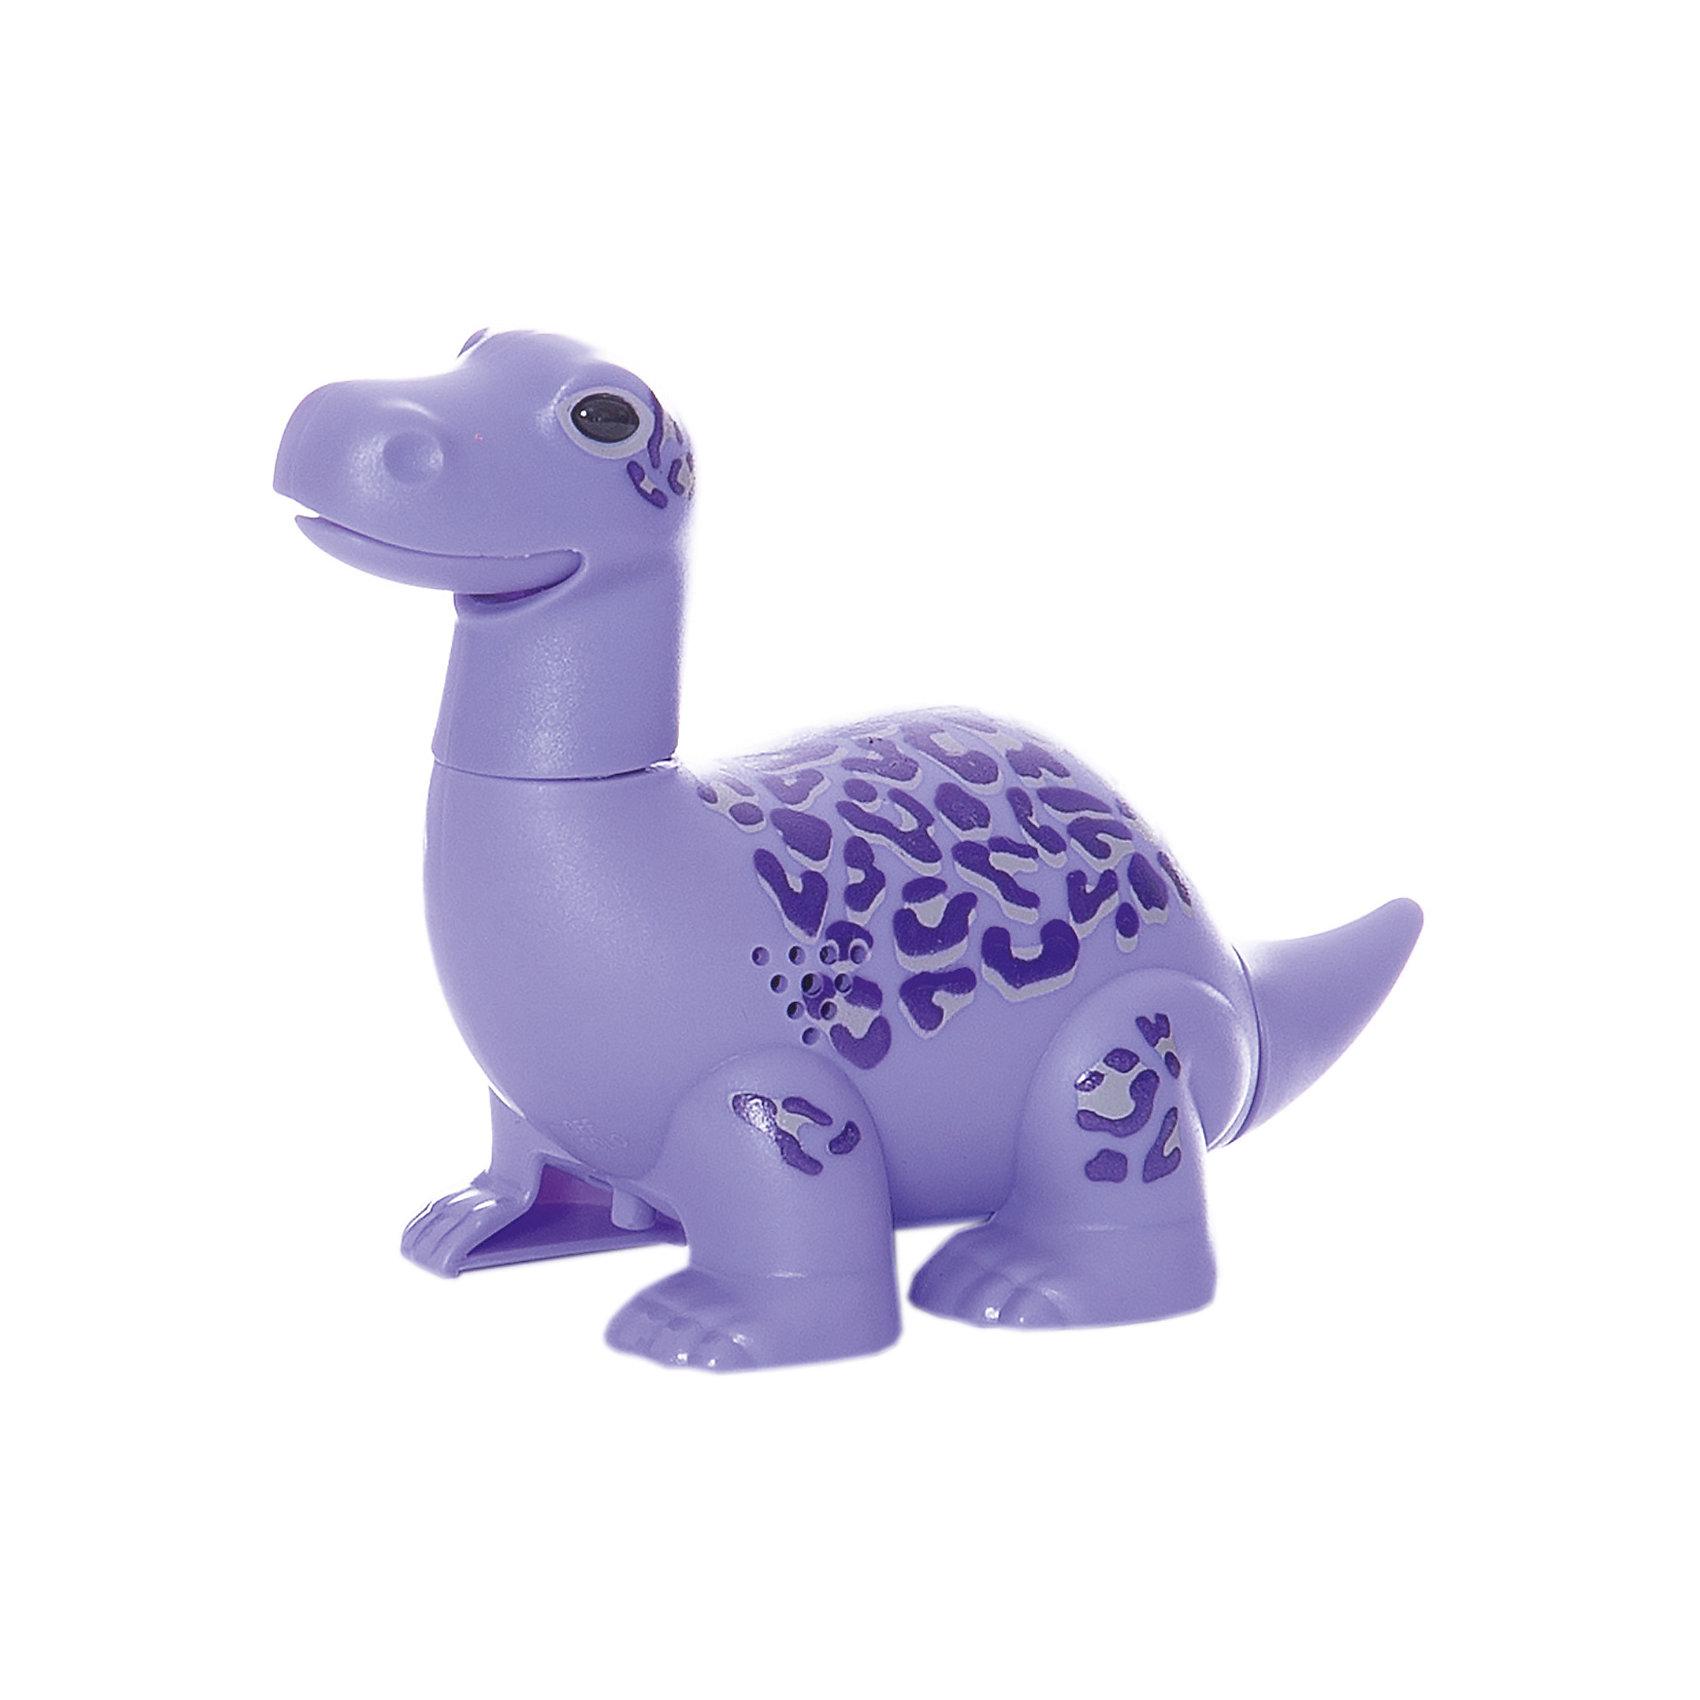 Динозавр Max, фиолетовый, DigiBirdsИнтерактивные животные<br>Характеристики товара:<br><br>- цвет: фиолетовый;<br>- материал: пластик, металл;<br>- батарейки: 3xAG13/LR44, в комплекте;<br>- размер упаковки: 16x13x7 см;<br>- габариты игрушки: 6,5x10x15 см;<br>- умеет петь, рычать, шевелить головой и хвостом.<br><br>Такая игрушка в виде динозавра поможет ребенку весело проводить время - динозавр умеет петь, рычать, шевелить головой и хвостом. Это выглядит очень забавно! Игрушка реагирует на звук от специального свистка, который входит в комплект. Также можно приобрести другие игрушки из этой серии - тогда они будут петь хором!<br>Динозавр способен помогать всестороннему развитию ребенка: развивать тактильное восприятие, мелкую моторику, воображение, внимание и логику. Изделие произведено из качественных материалов, безопасных для ребенка. Набор станет отличным подарком детям!<br><br>Динозавр Max, фиолетовый, от бренда DigiBirds можно купить в нашем интернет-магазине.<br><br>Ширина мм: 115<br>Глубина мм: 15<br>Высота мм: 62<br>Вес г: 128<br>Возраст от месяцев: 36<br>Возраст до месяцев: 84<br>Пол: Унисекс<br>Возраст: Детский<br>SKU: 5138201